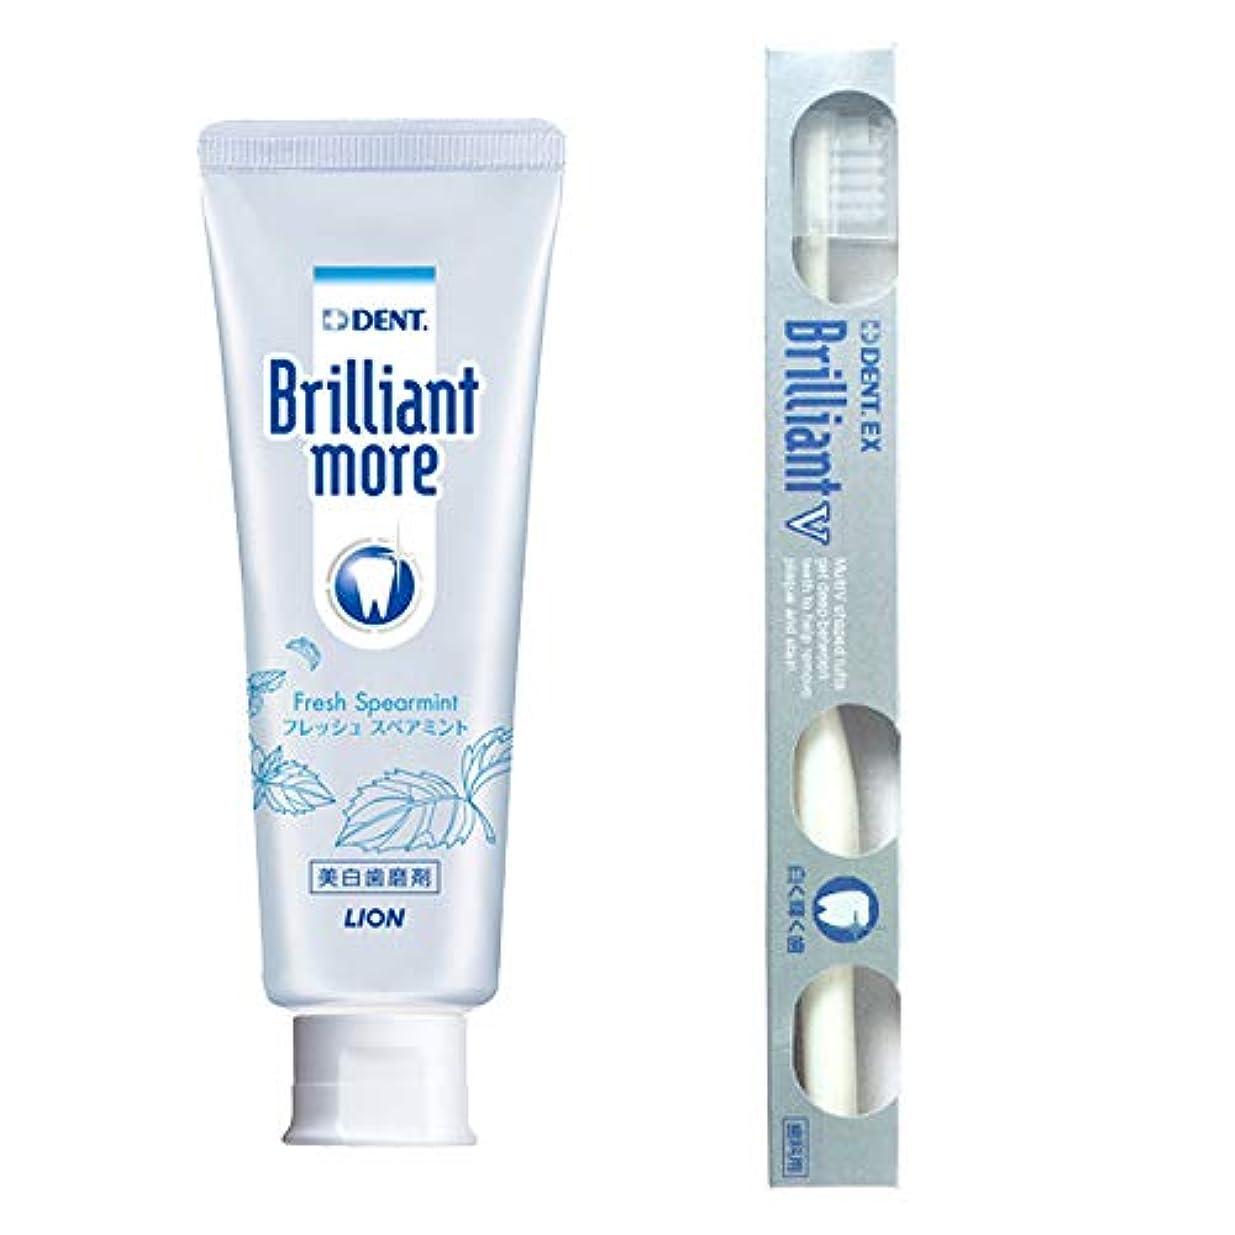 することになっている出しますほこりっぽいライオン ブリリアントモア 歯科用 美白歯磨剤 (フレッシュスペアミント) 90g×1本 + ブリリアントV 歯ブラシ (DENT.EXBrilliantV) 1本 ホワイトニング 歯科専売品